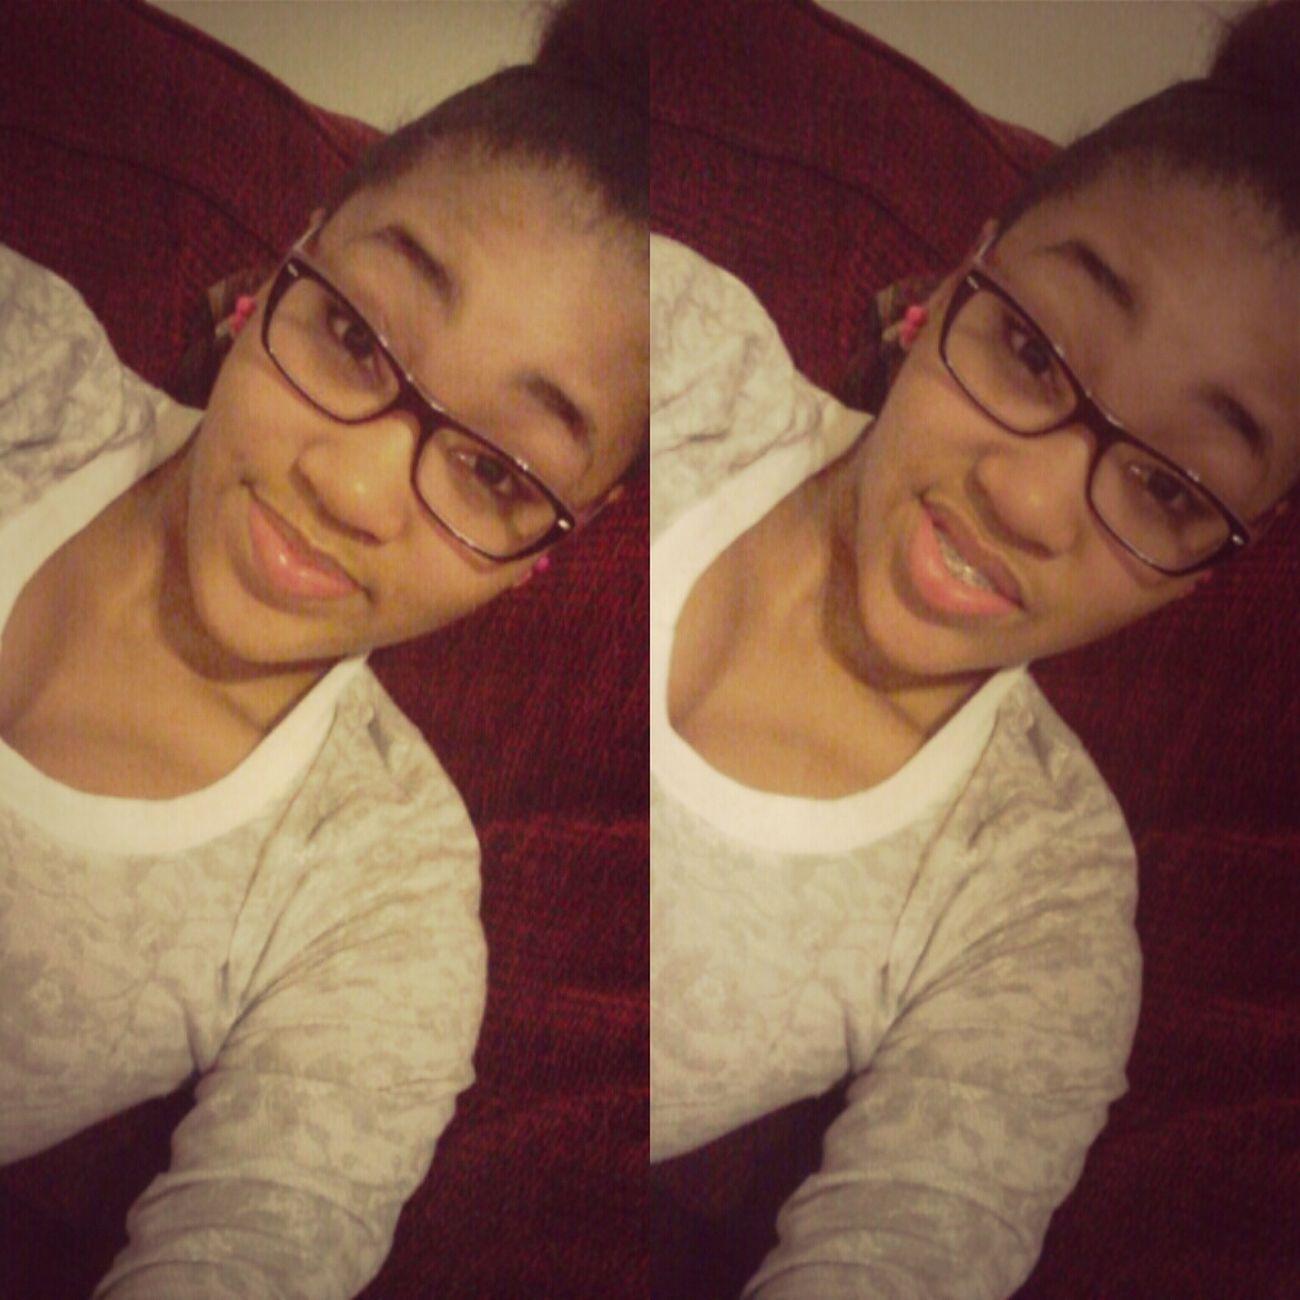 bored :/